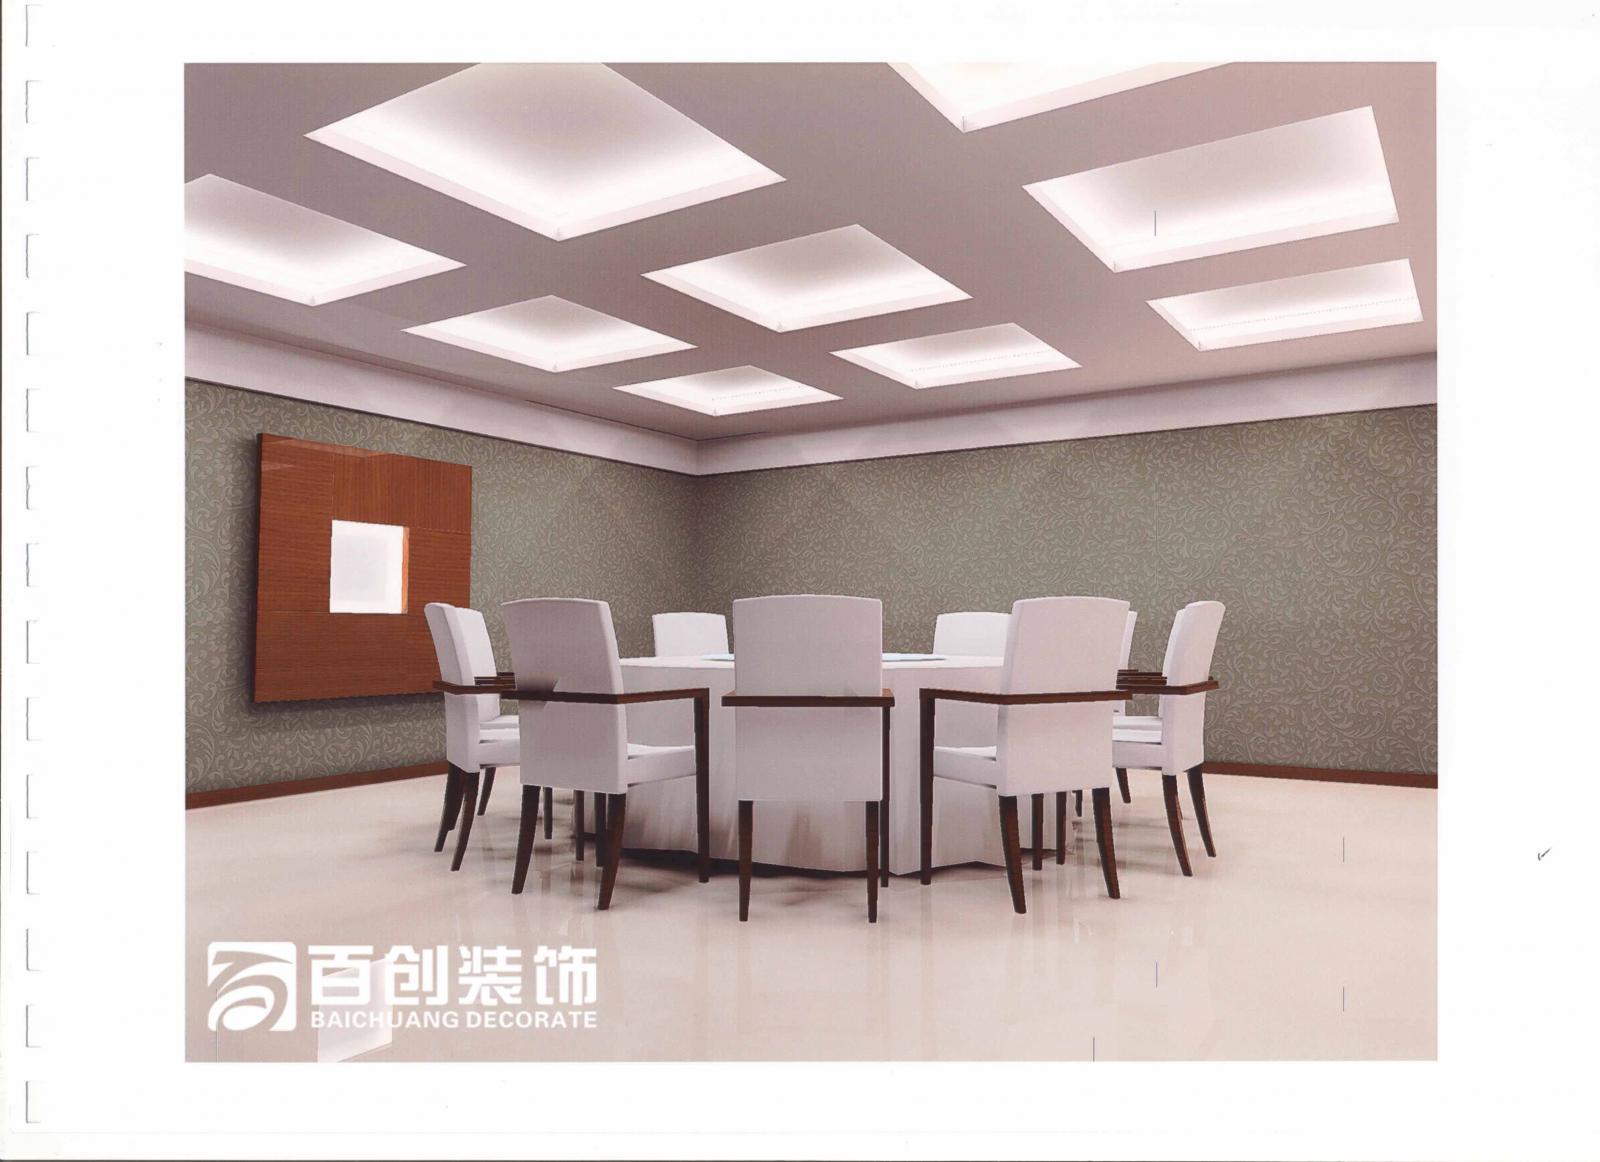 中华职教社地下餐厅项目